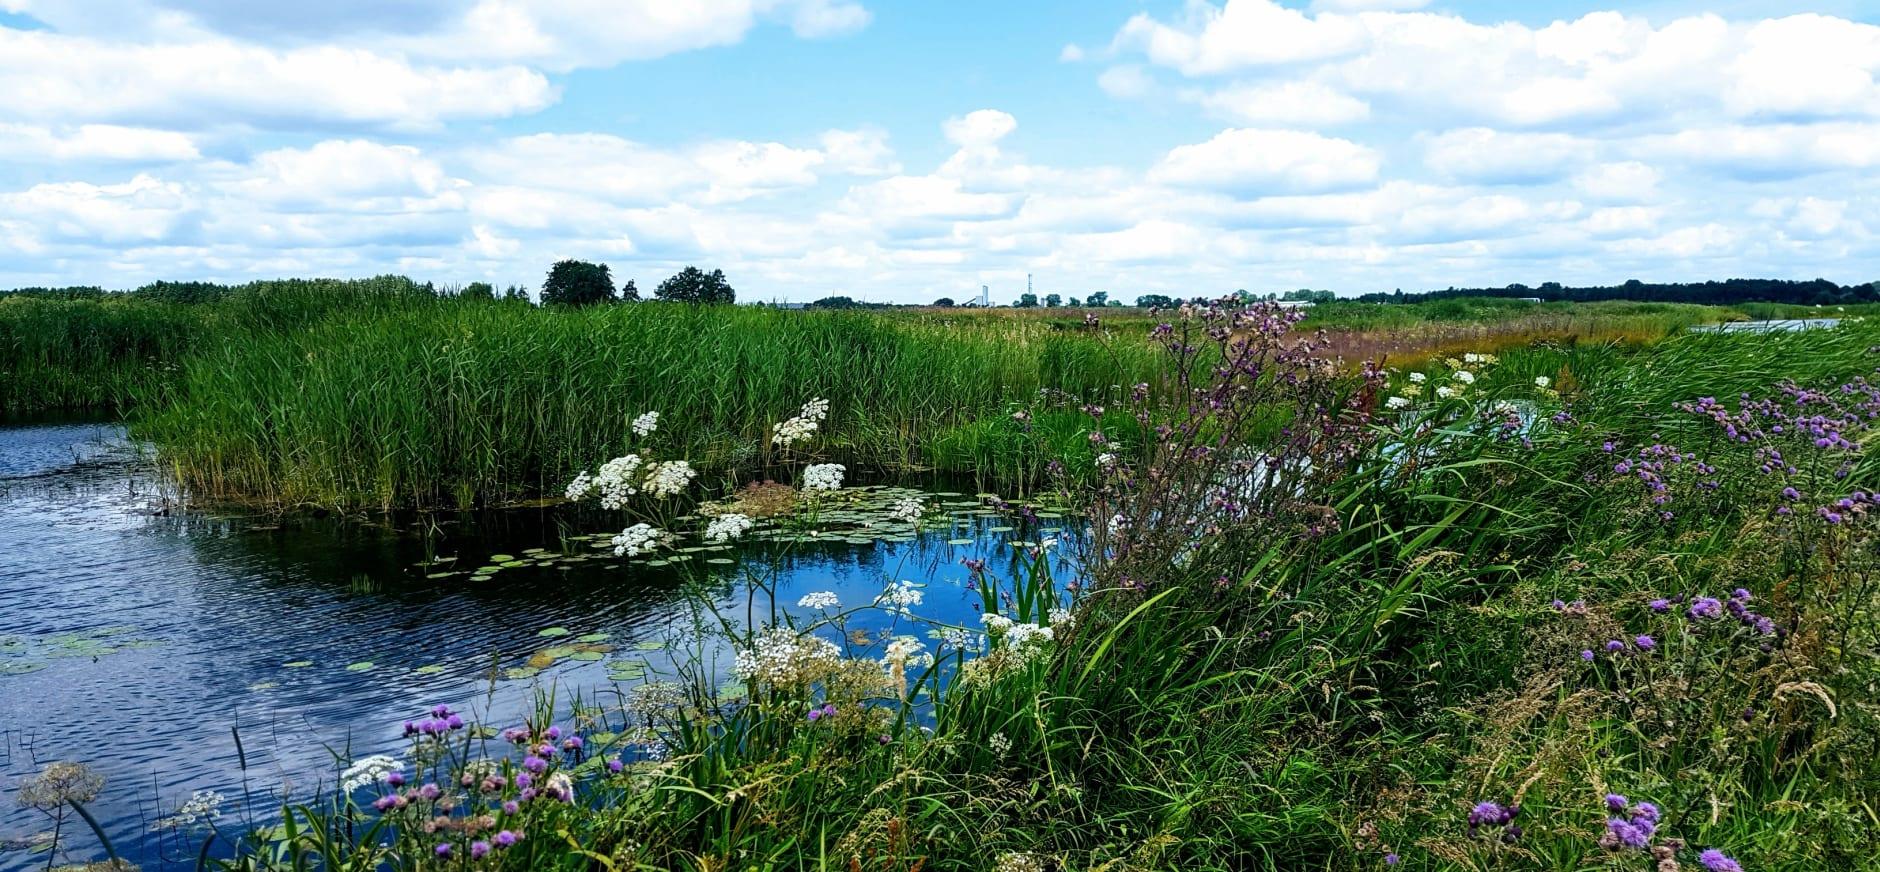 Landschap bij Giethoorn-Steenwijk 2019